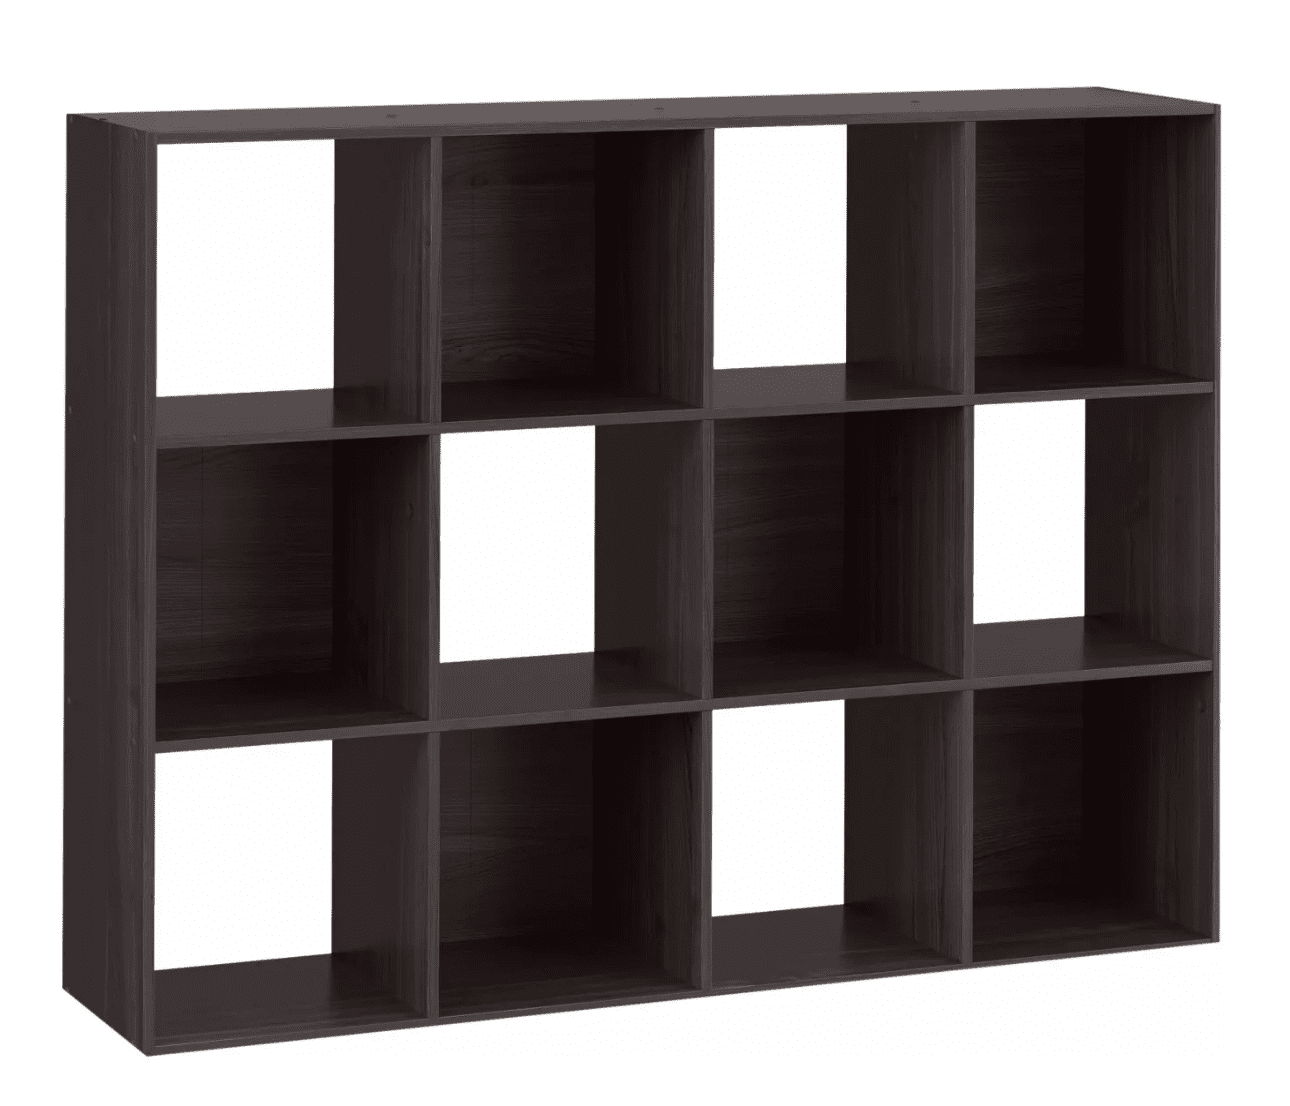 12 cube organizing shelf